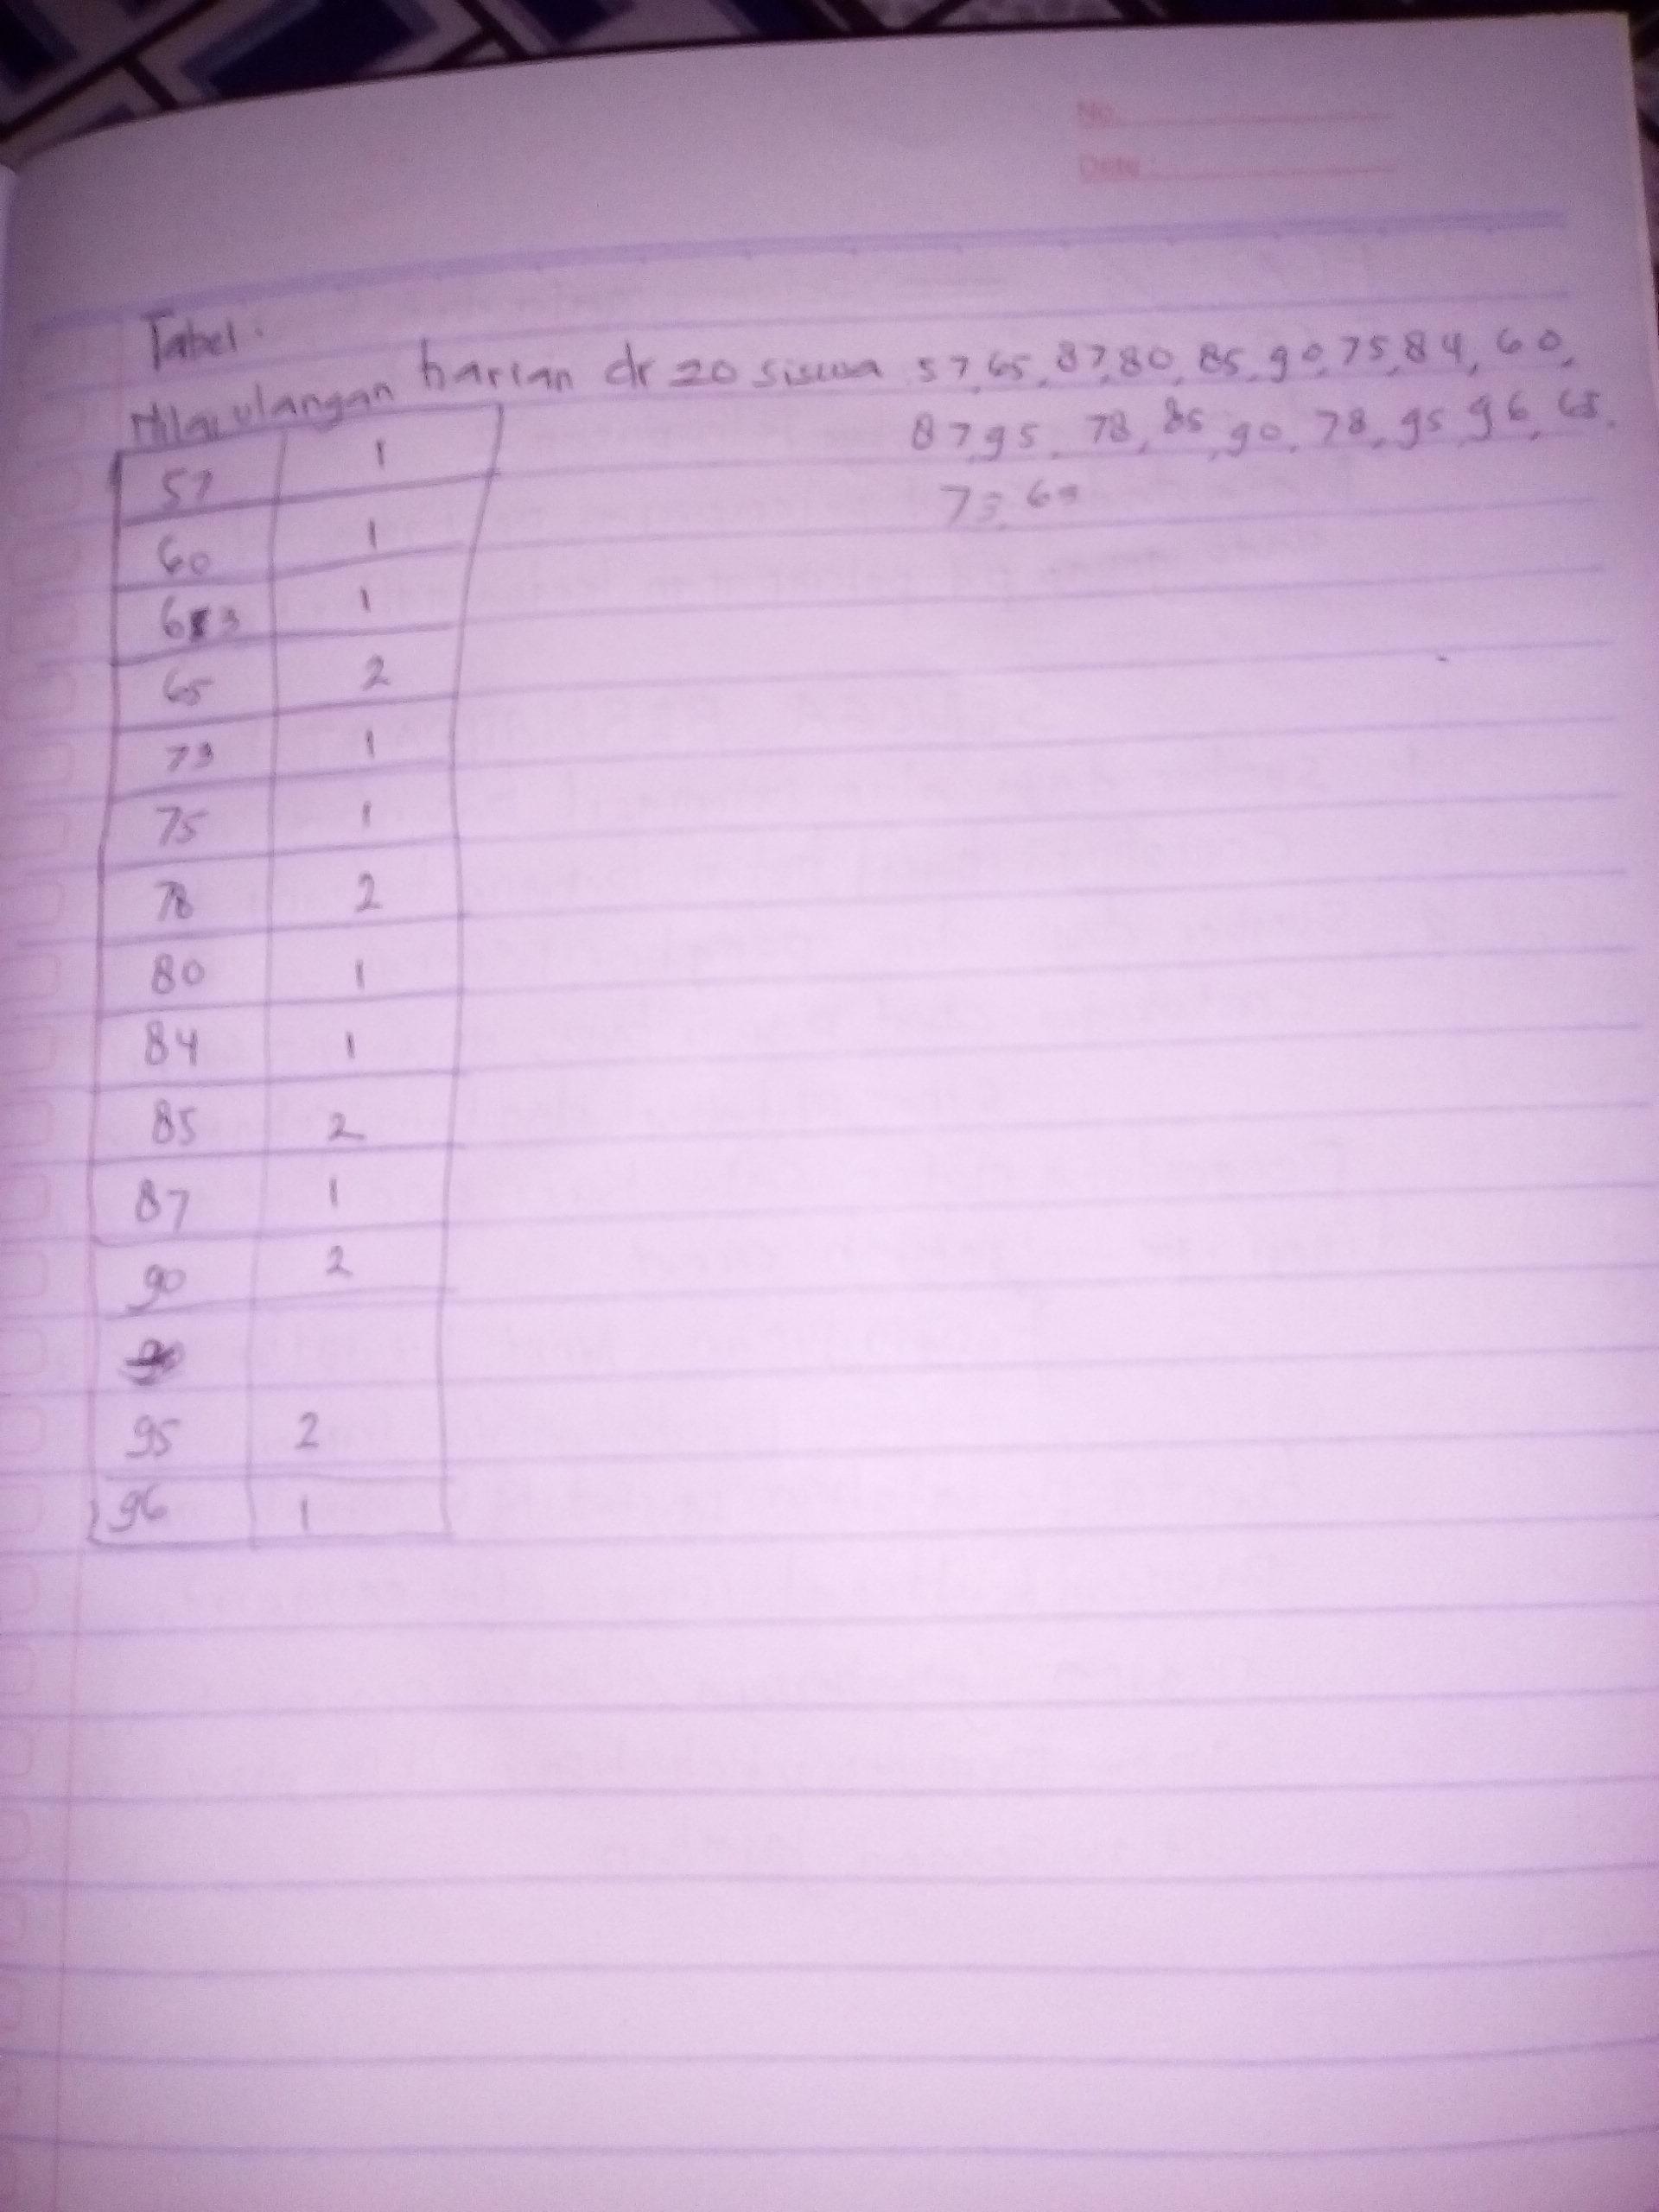 2. Jika diketahui data nilai ulangan harian dari 20 siswa ...